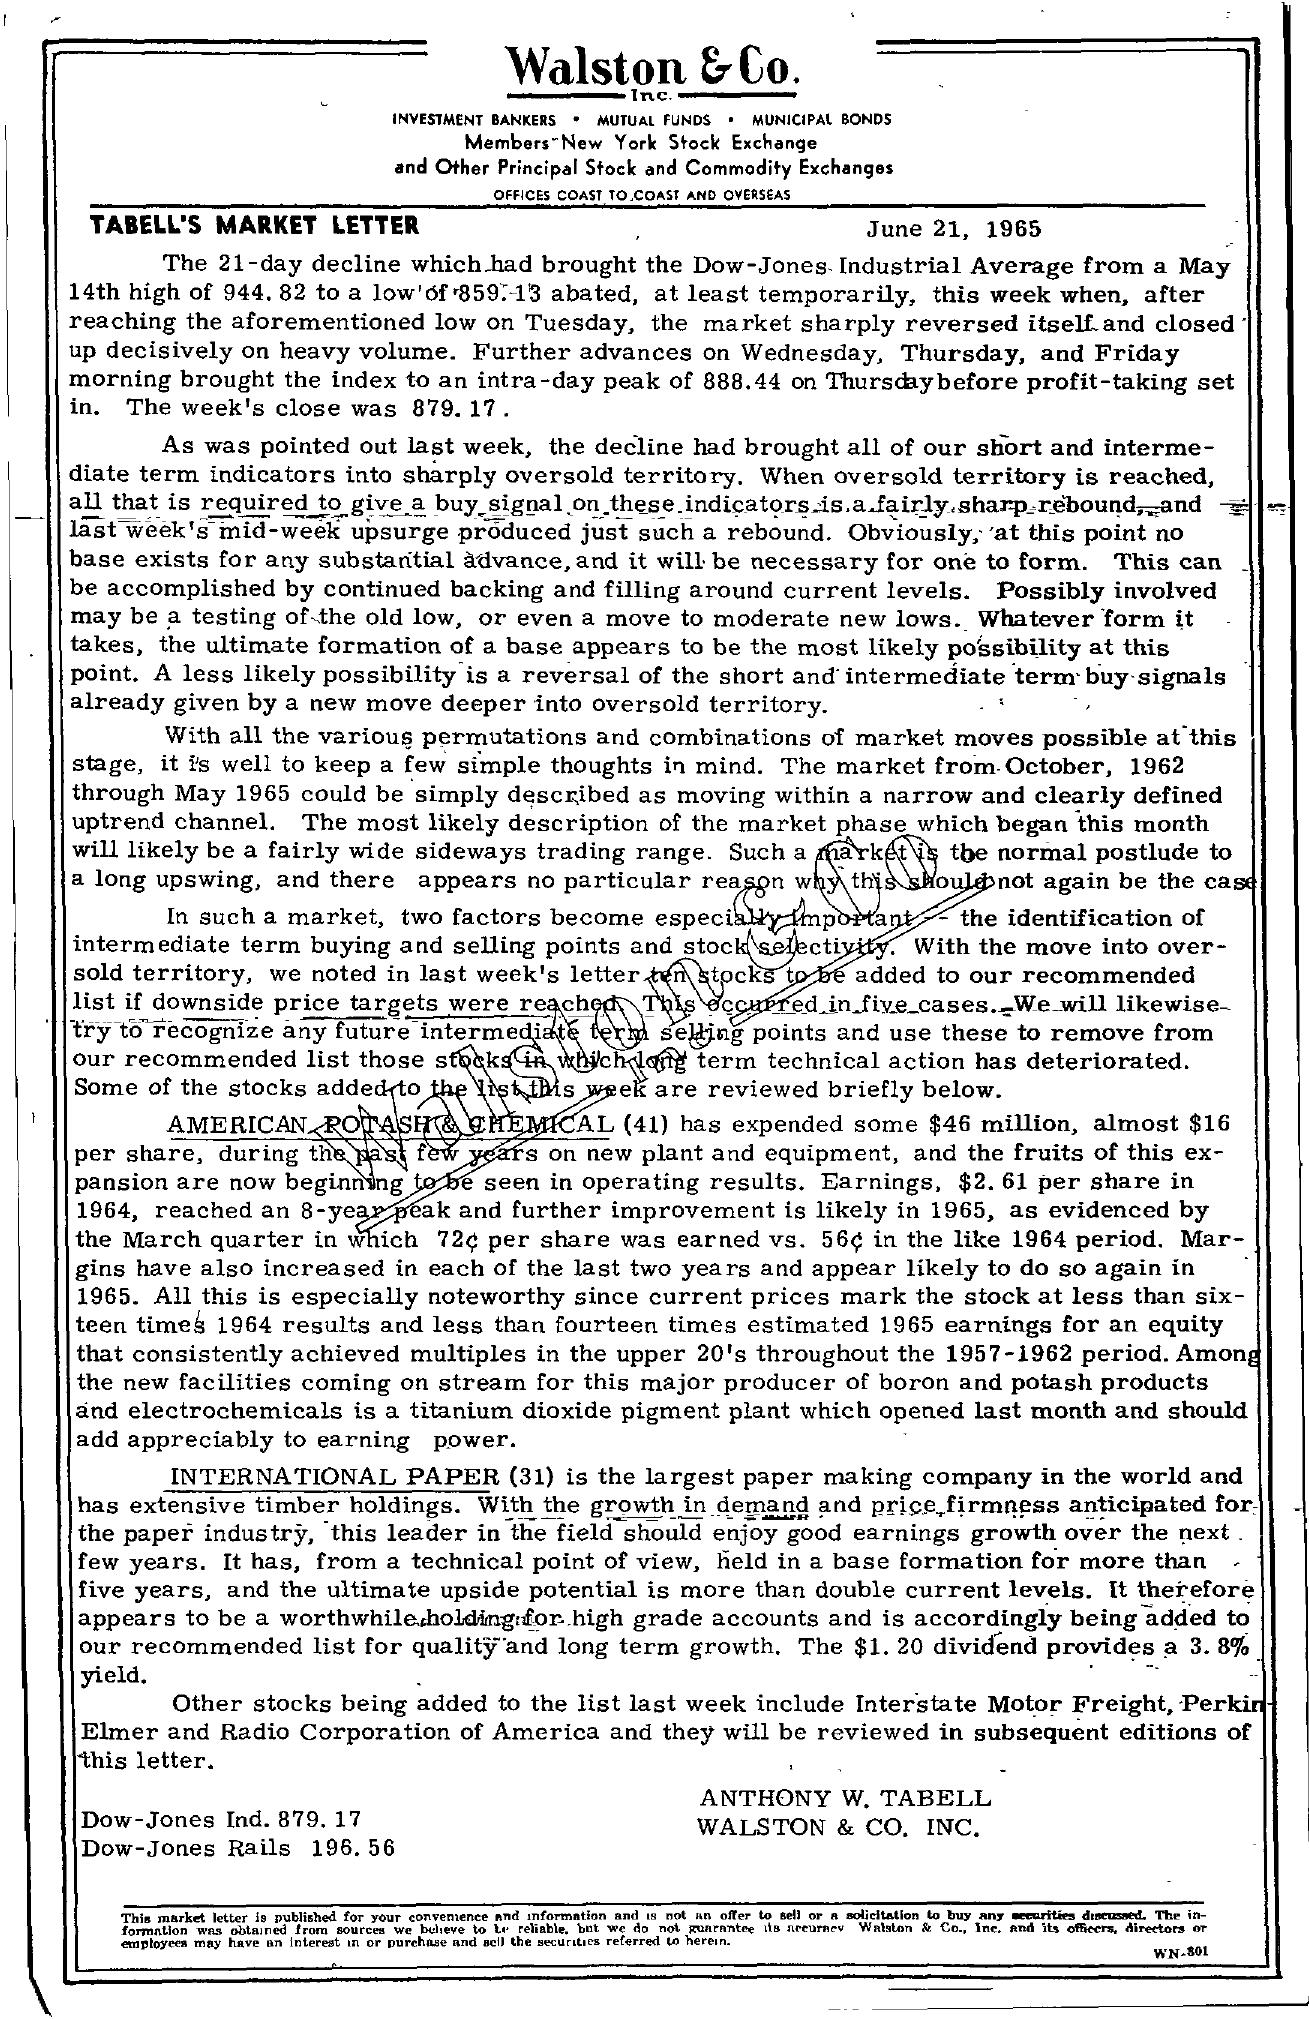 Tabell's Market Letter - June 21, 1965